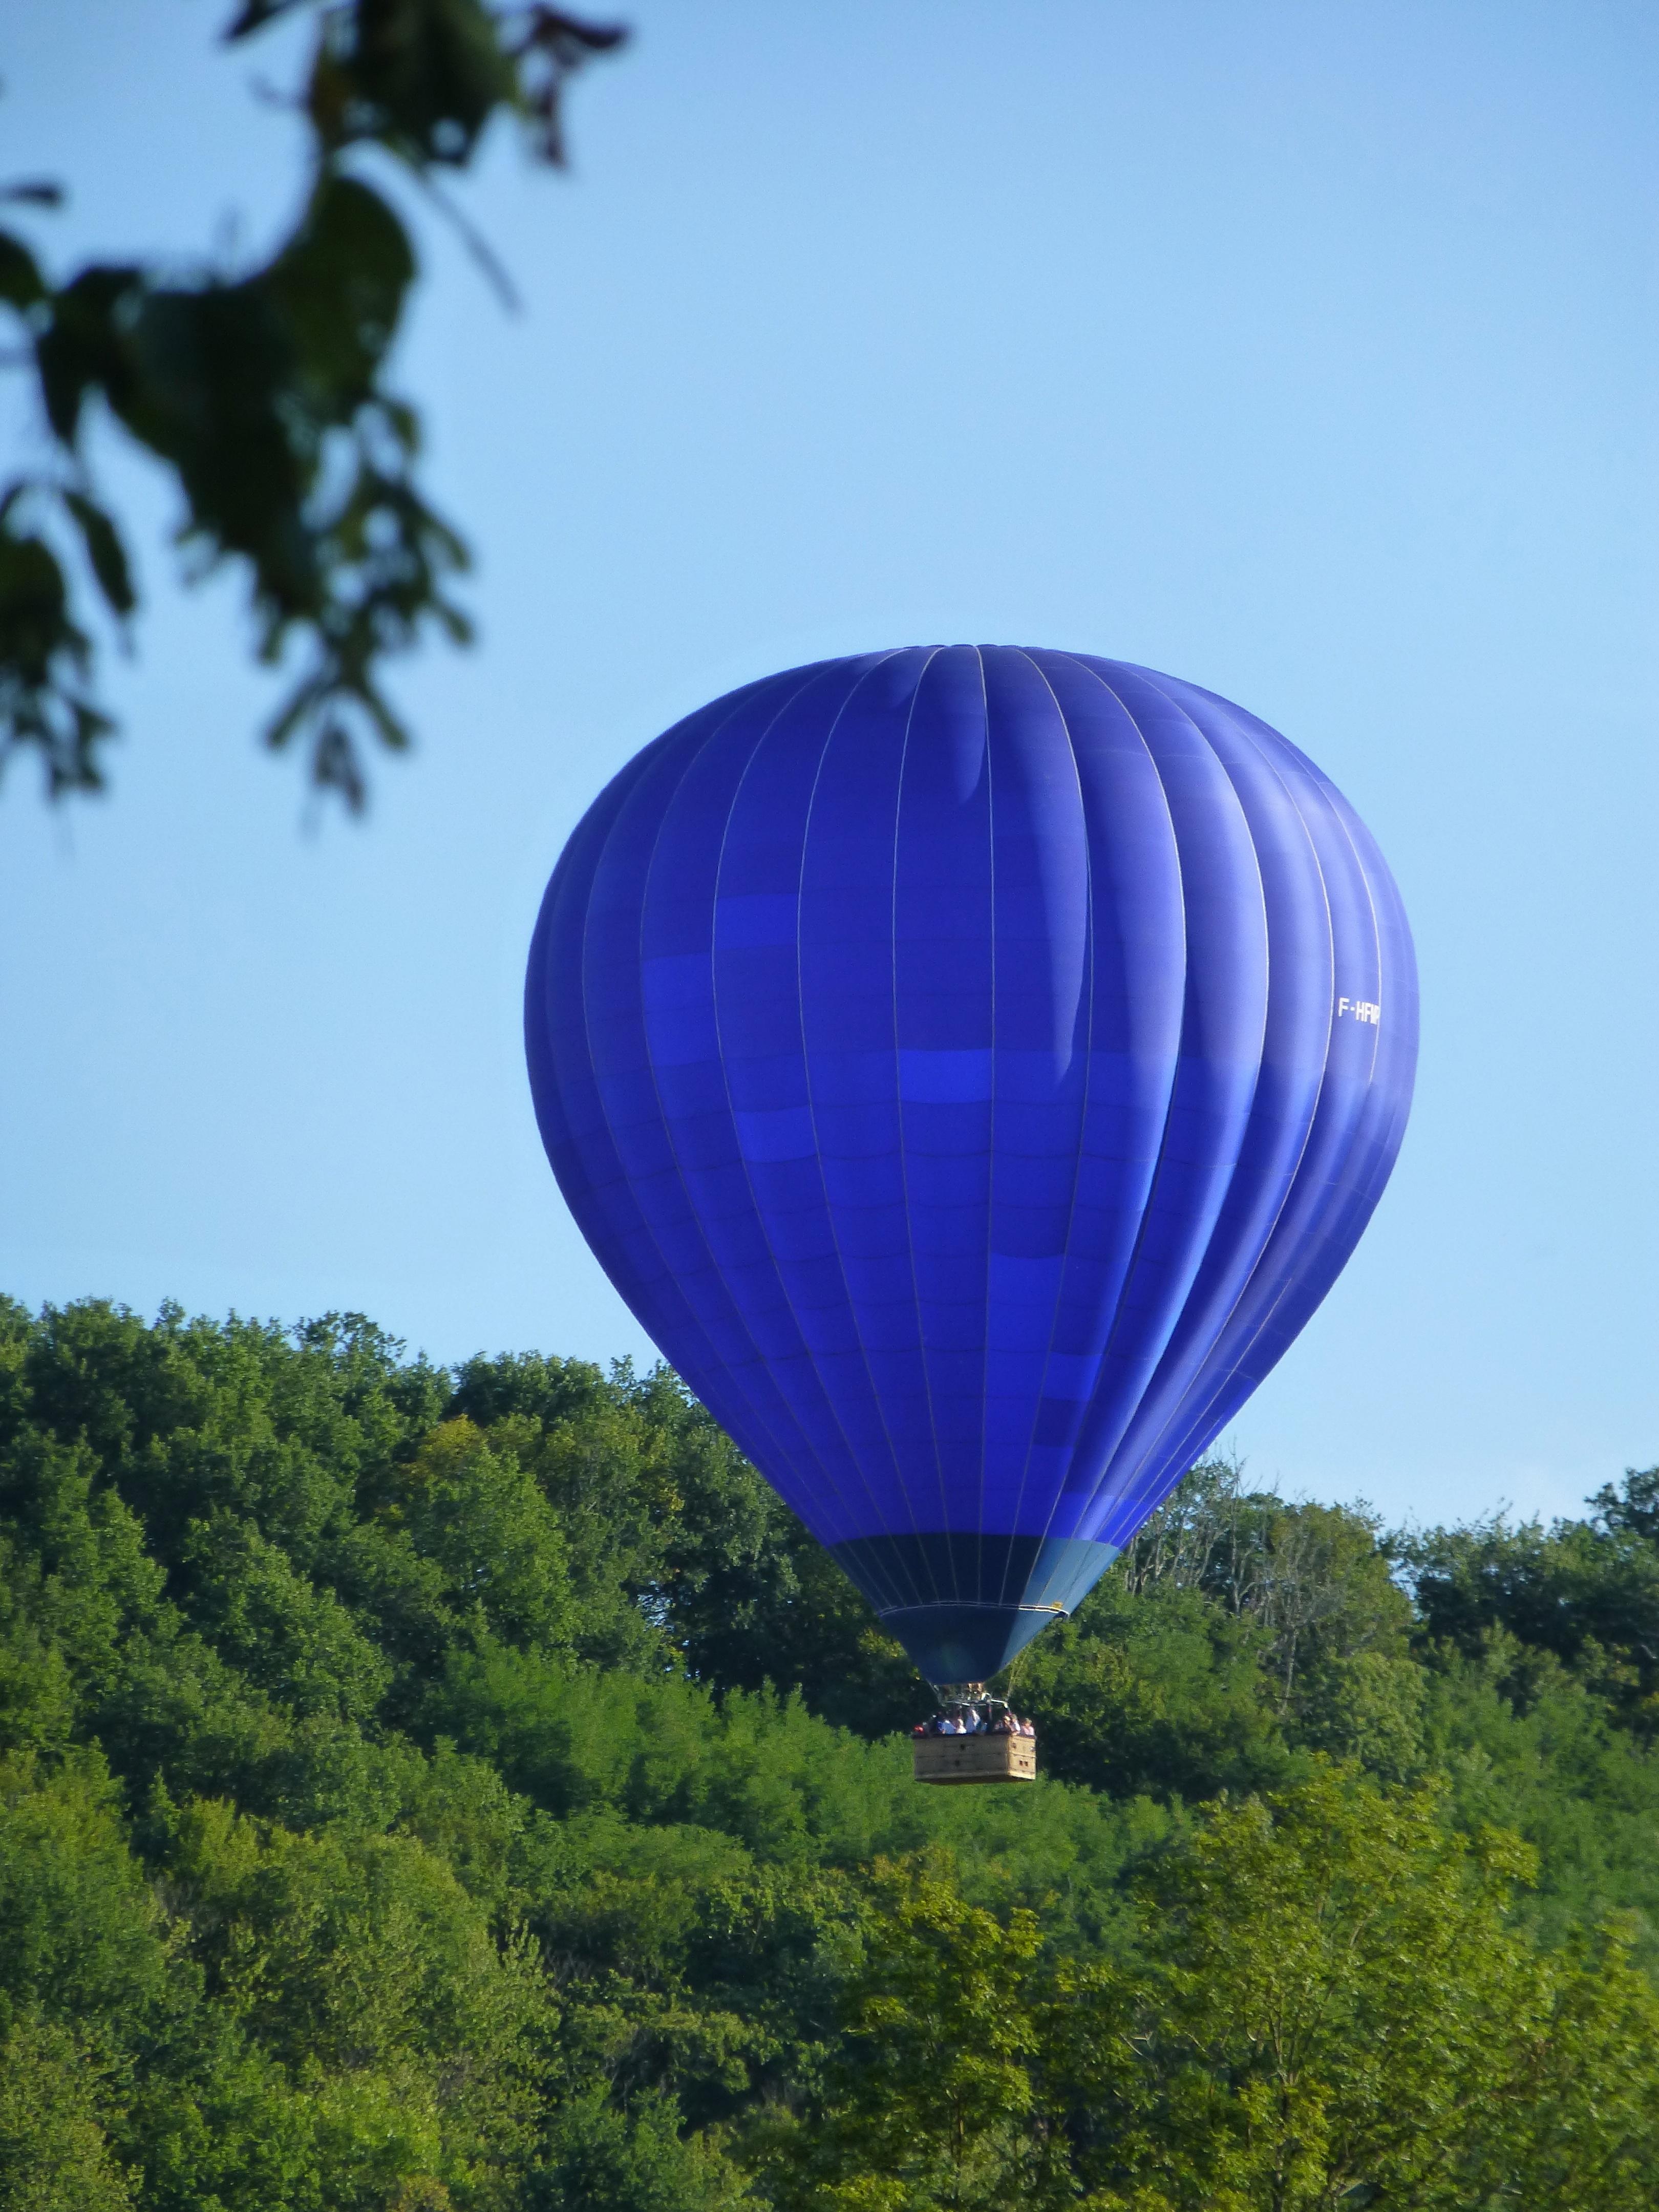 картинки красивые с шарами большими летающими хочу подать этого